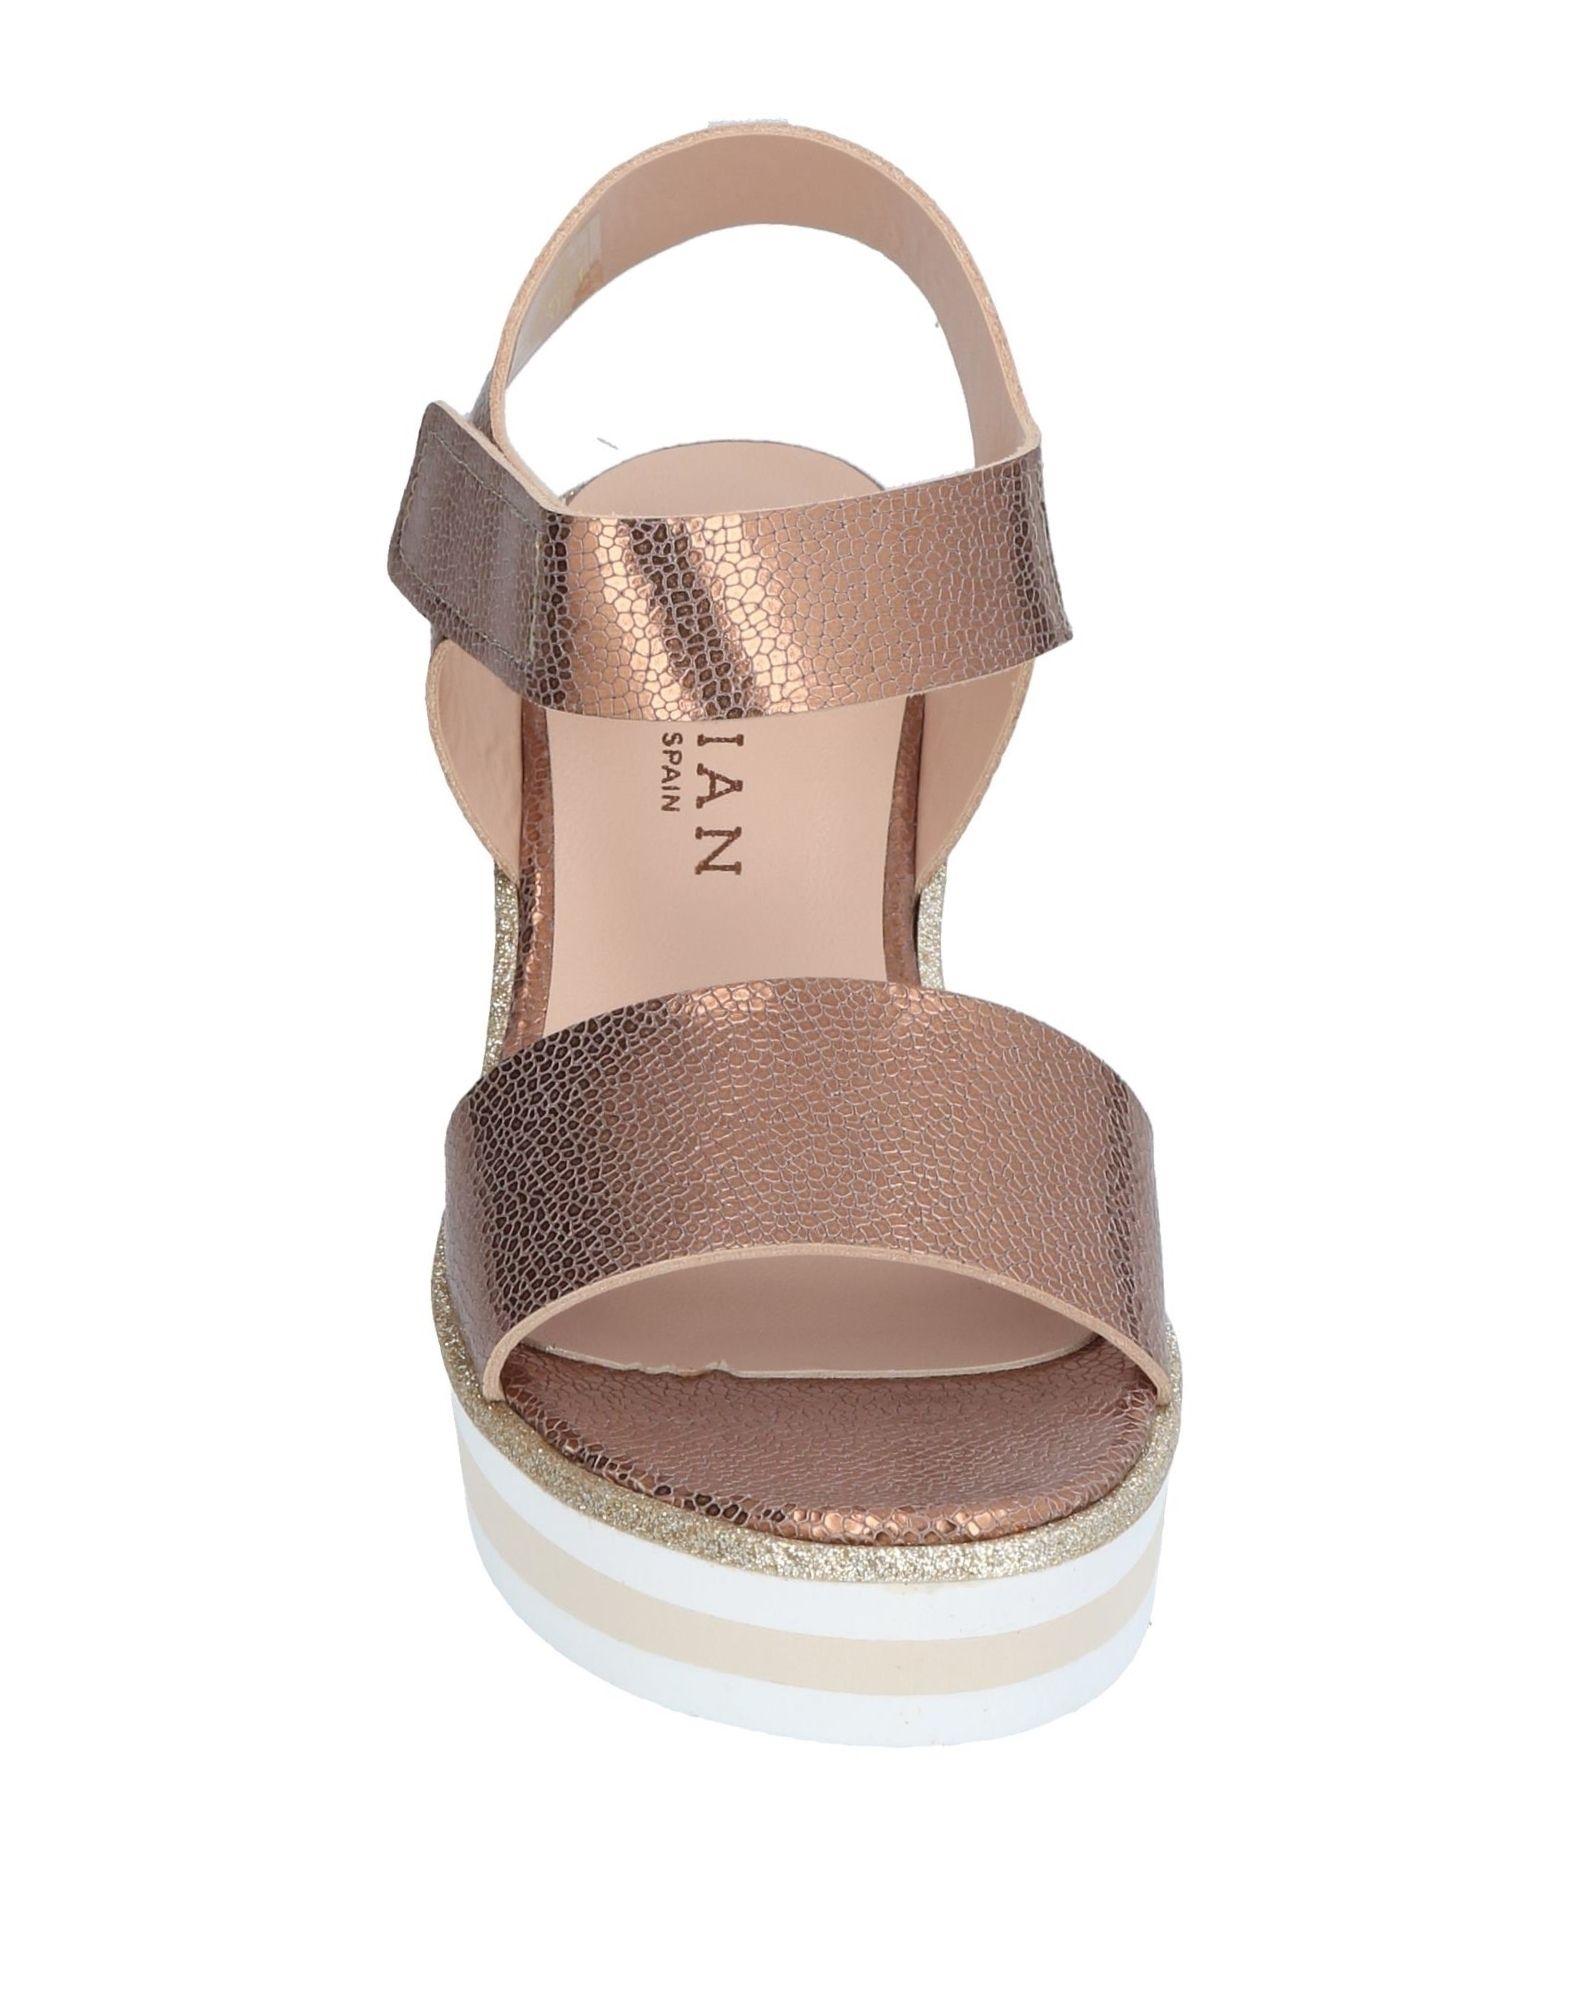 Marian Sandalen Damen  Gute 11406832OT Gute  Qualität beliebte Schuhe f7ef05